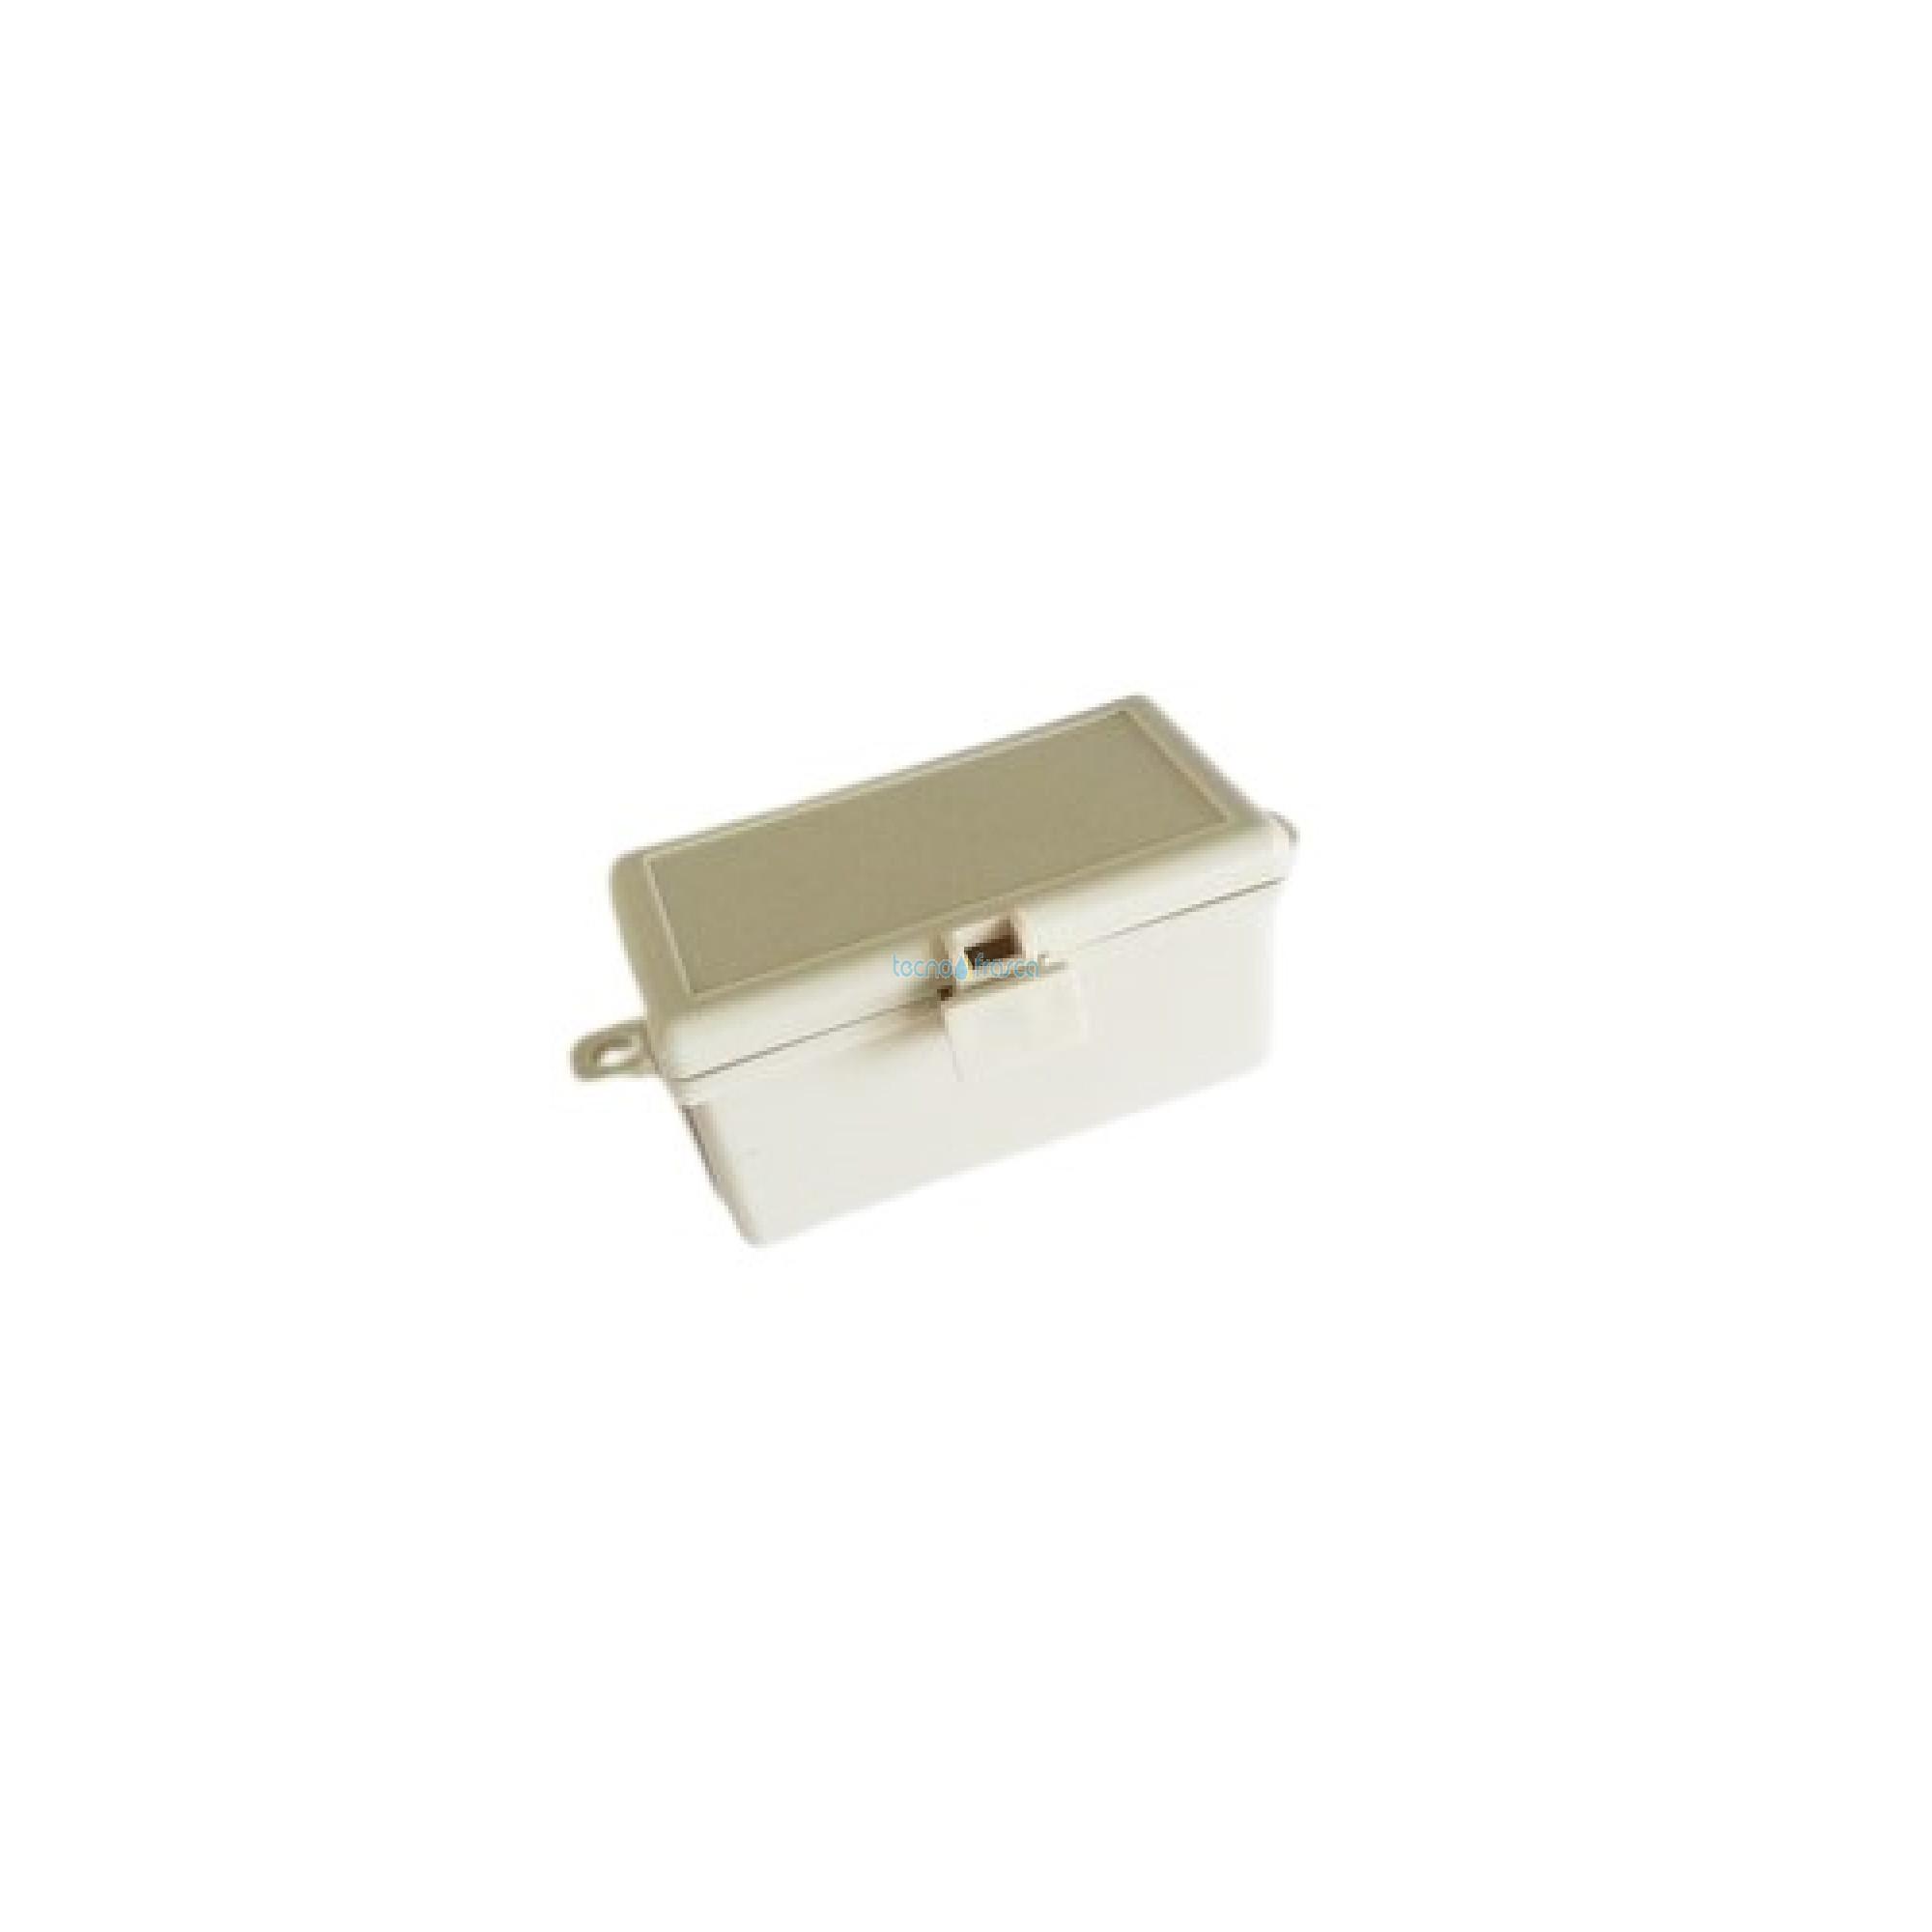 Chaffoteaux scatola pila chaffoteaux 61012714